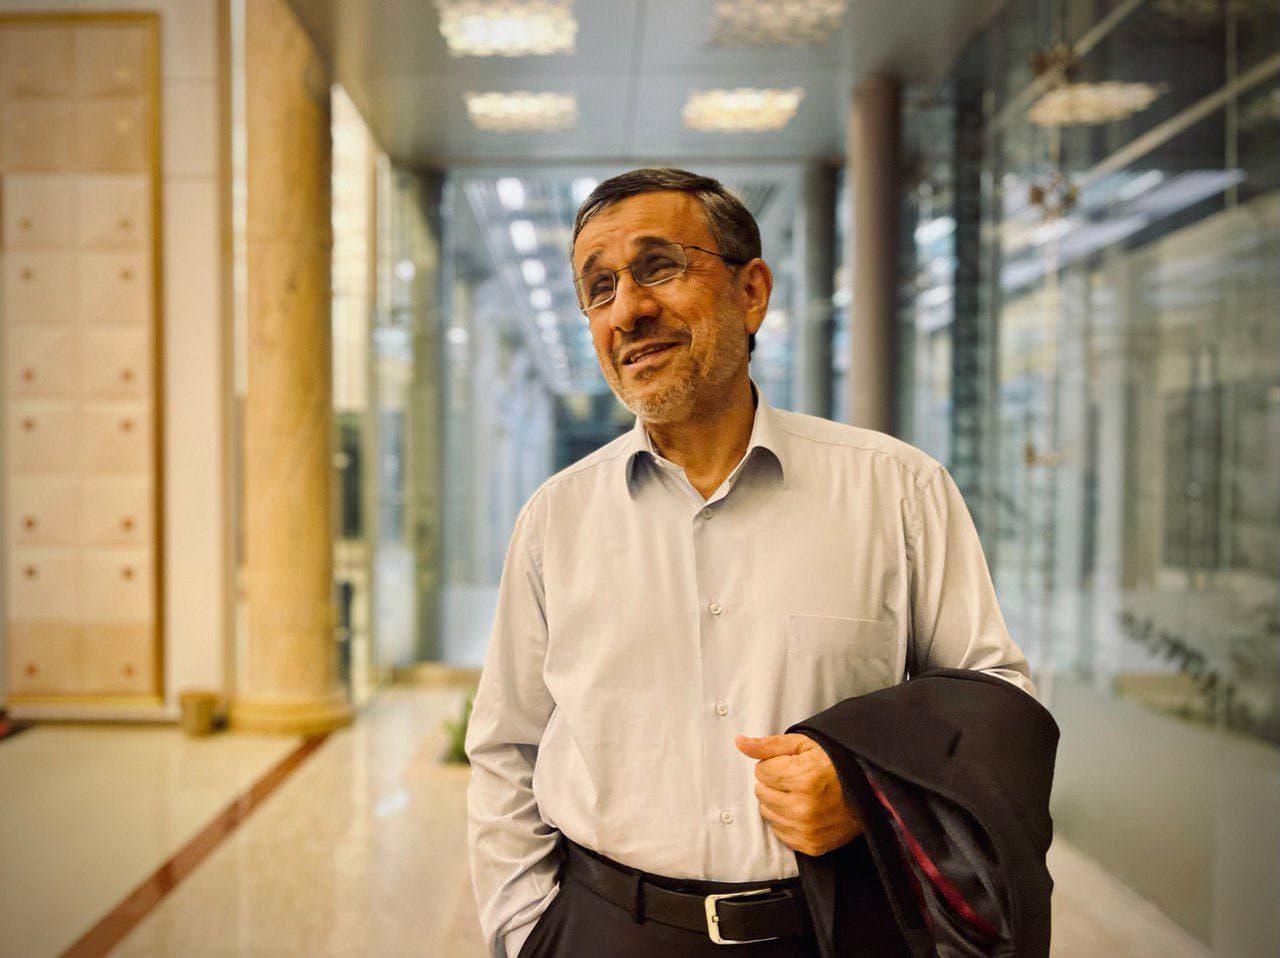 واکنش یکی از همراهان احمدینژاد به ادعای دیپورت وی از امارات